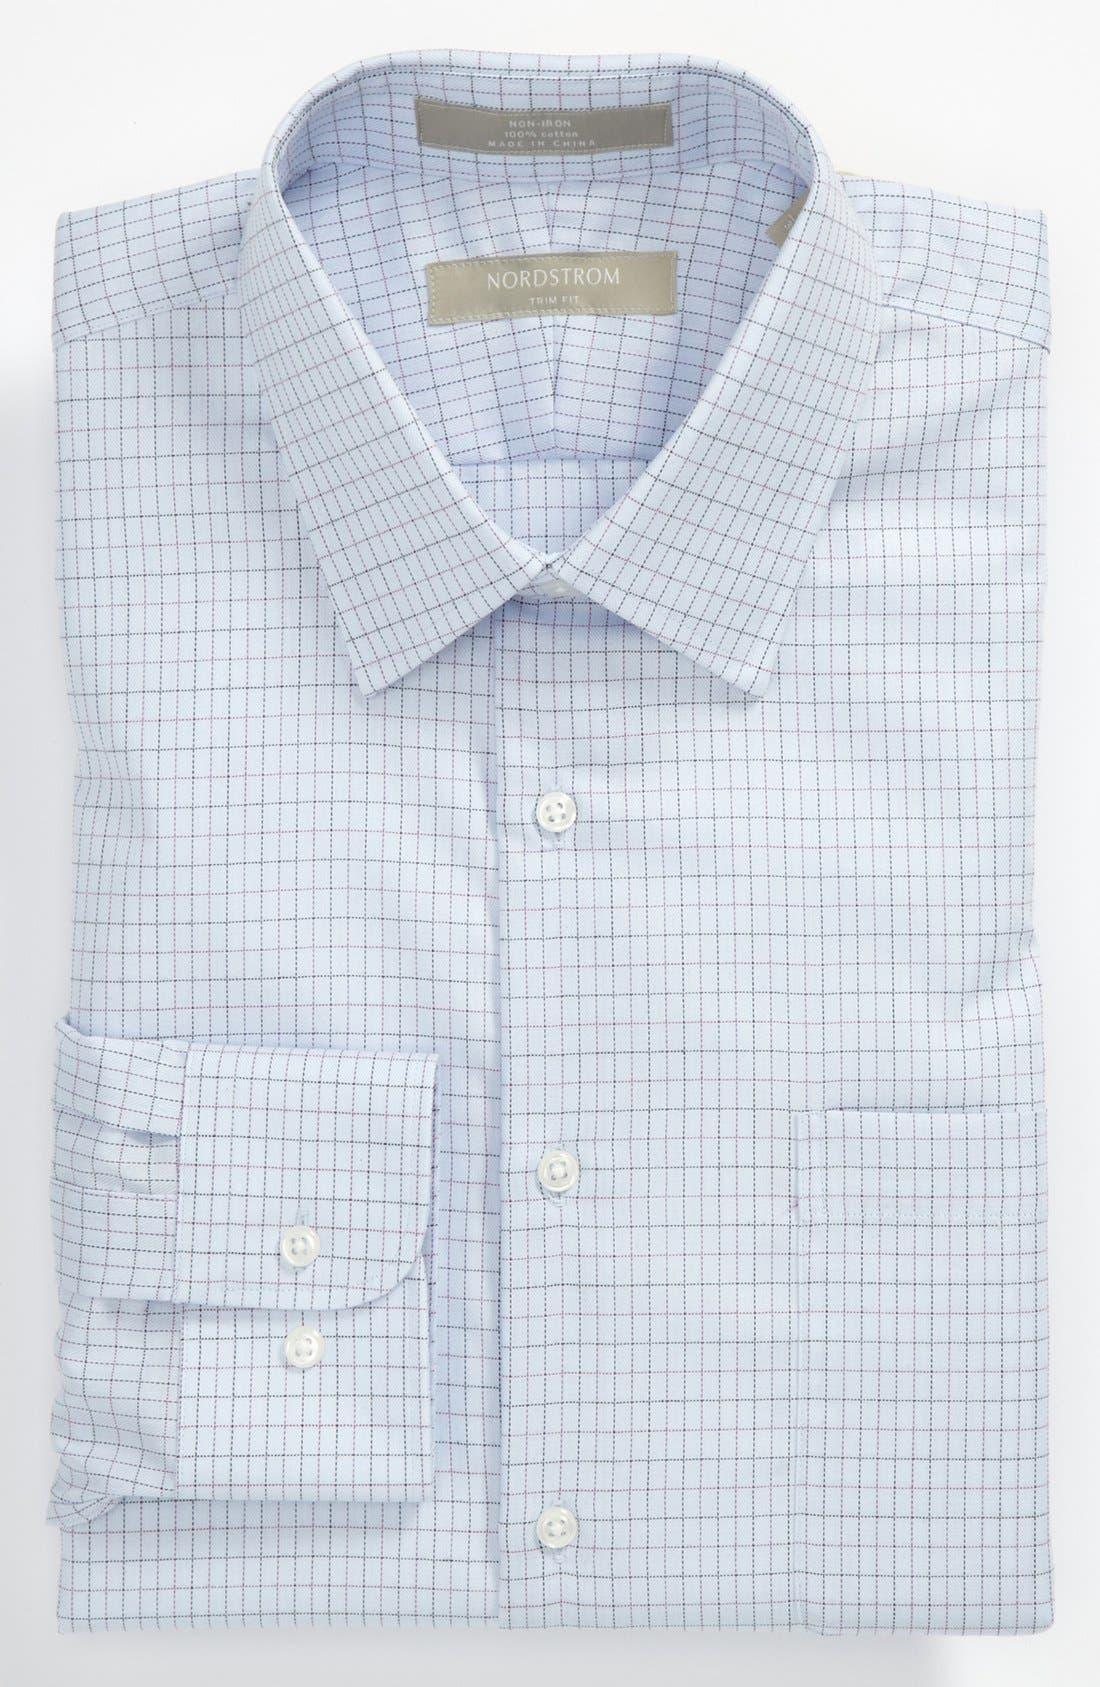 Alternate Image 1 Selected - Nordstrom Trim Fit Dress Shirt